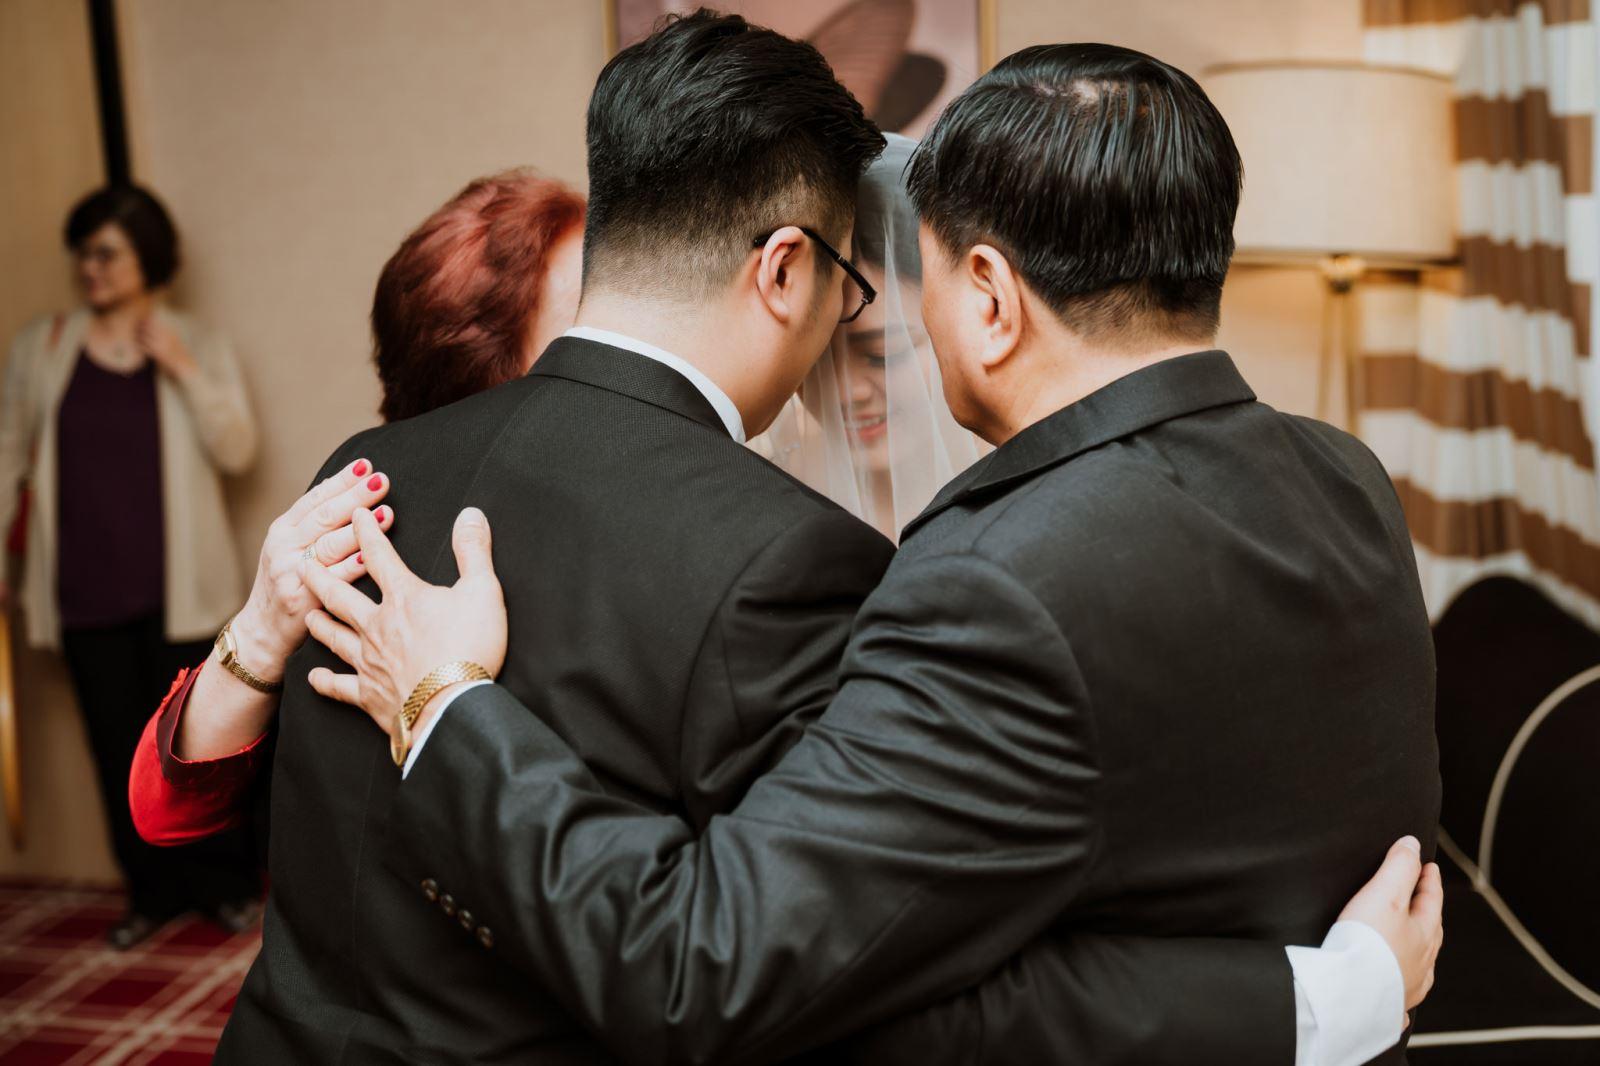 父親母親與女兒與女婿,永遠的一家人,婚禮顧問團隊祝福妳們